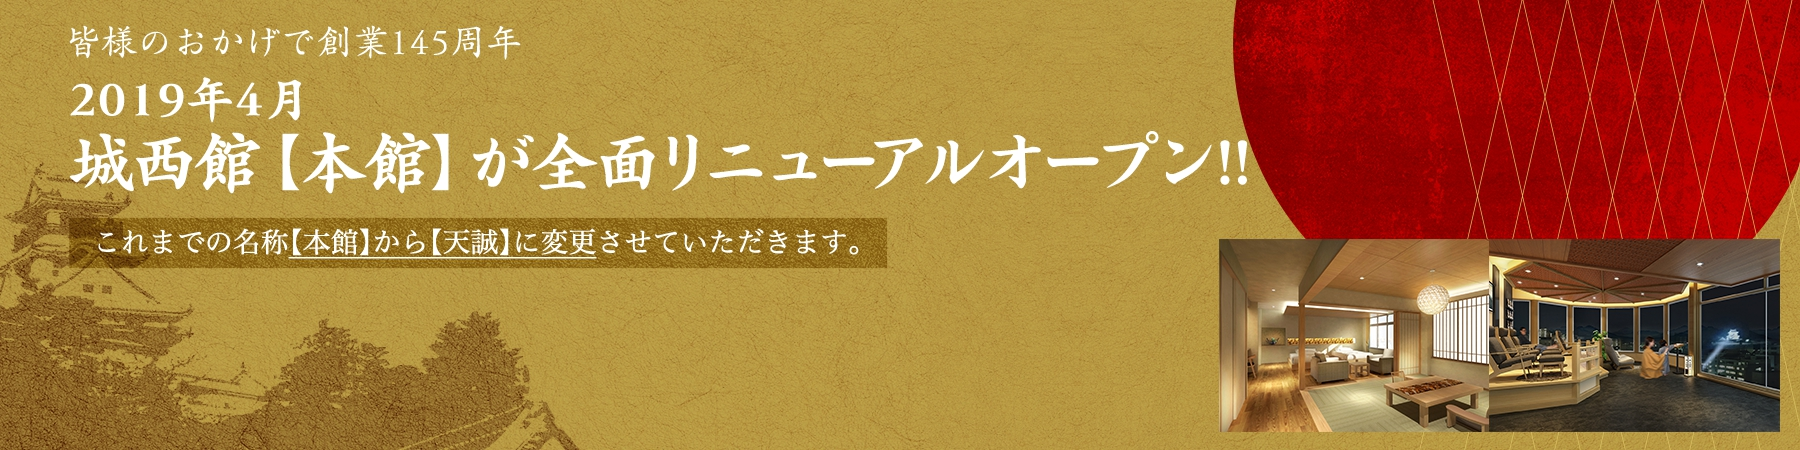 2019年4月 城西館 本館 客室が天誠へ全面リニューアル